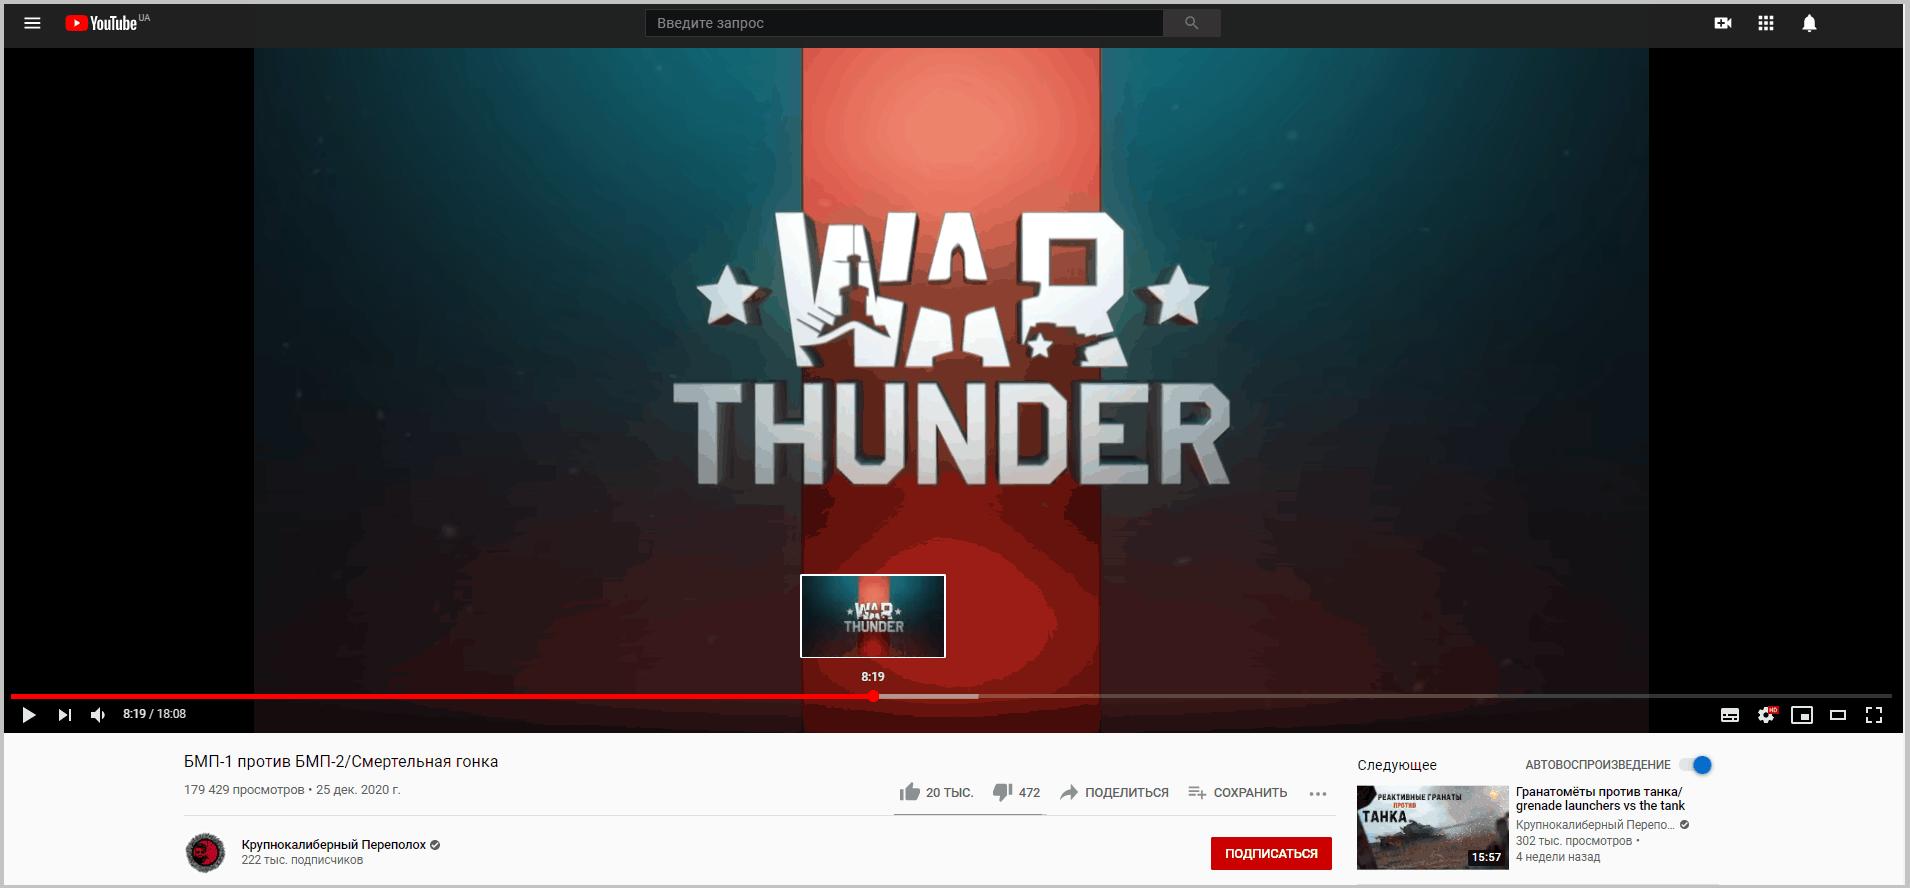 Відео з окупованої частини Донбасу з рекламою гри «War Thunder»